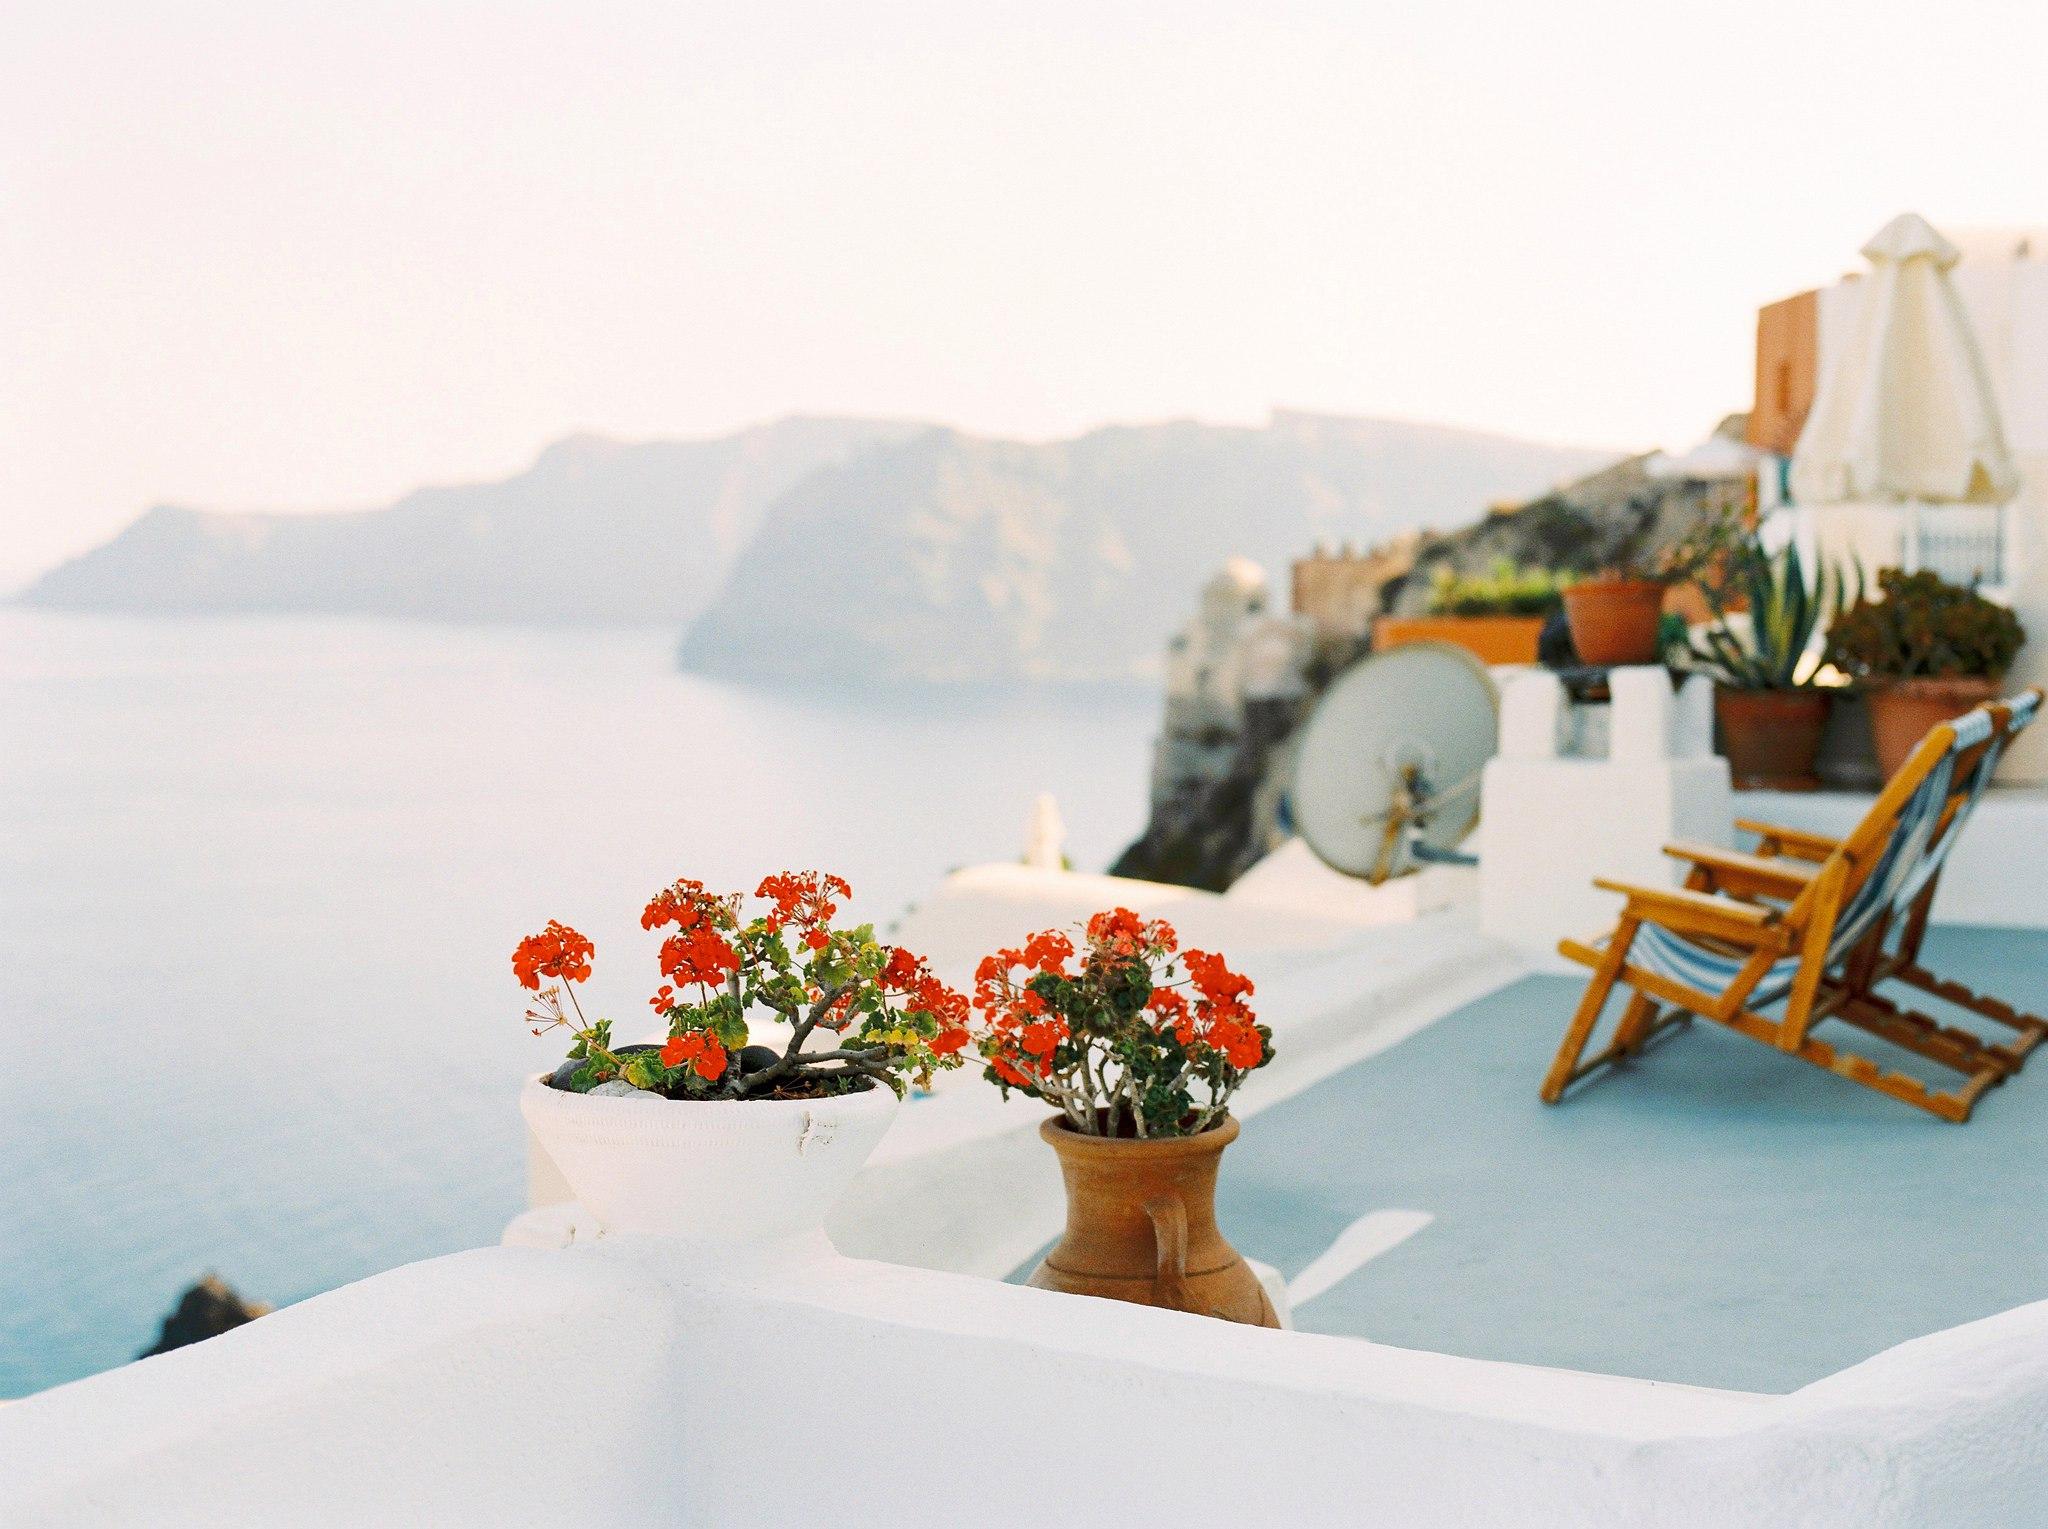 Фотограф Анна Дошина и ее путешествие в Санторини, Греция (9 фото)